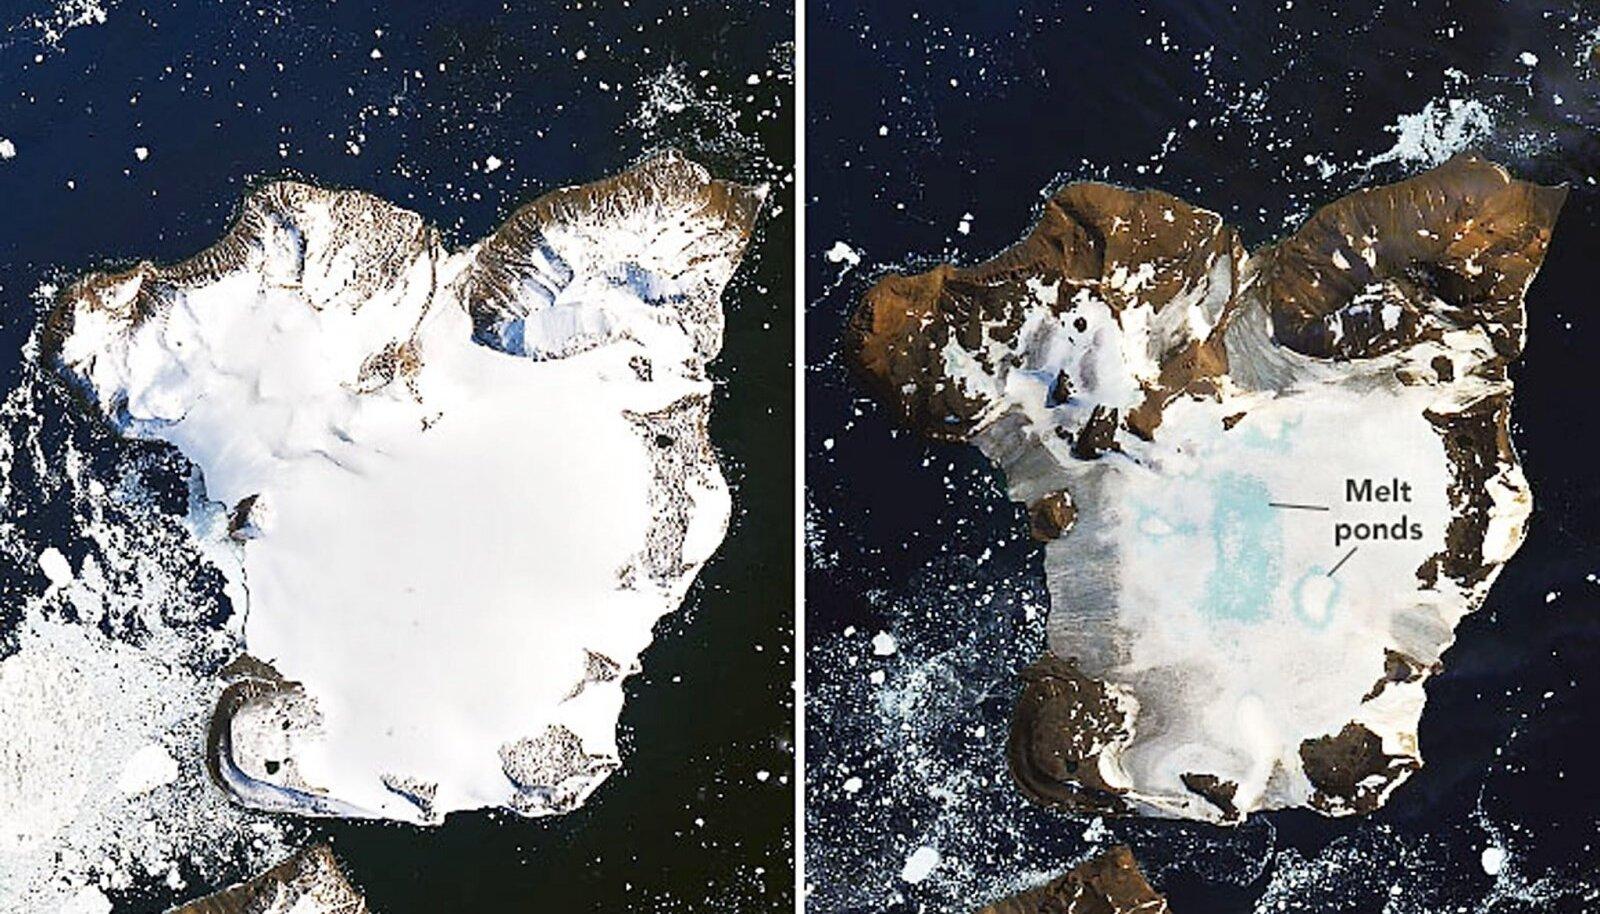 Fotol on näha Kotkasaar, jäise mandri kirdeosas asuv poolsaar, veebruarikuu kuumalaine alguses ja lõpus. Antarktikas oli sel kuul ajaloo kuumim päev: 20,7 soojakraadi. NASA andmetel mõõdeti samal päeval sama temperatuur Los Angeleses.